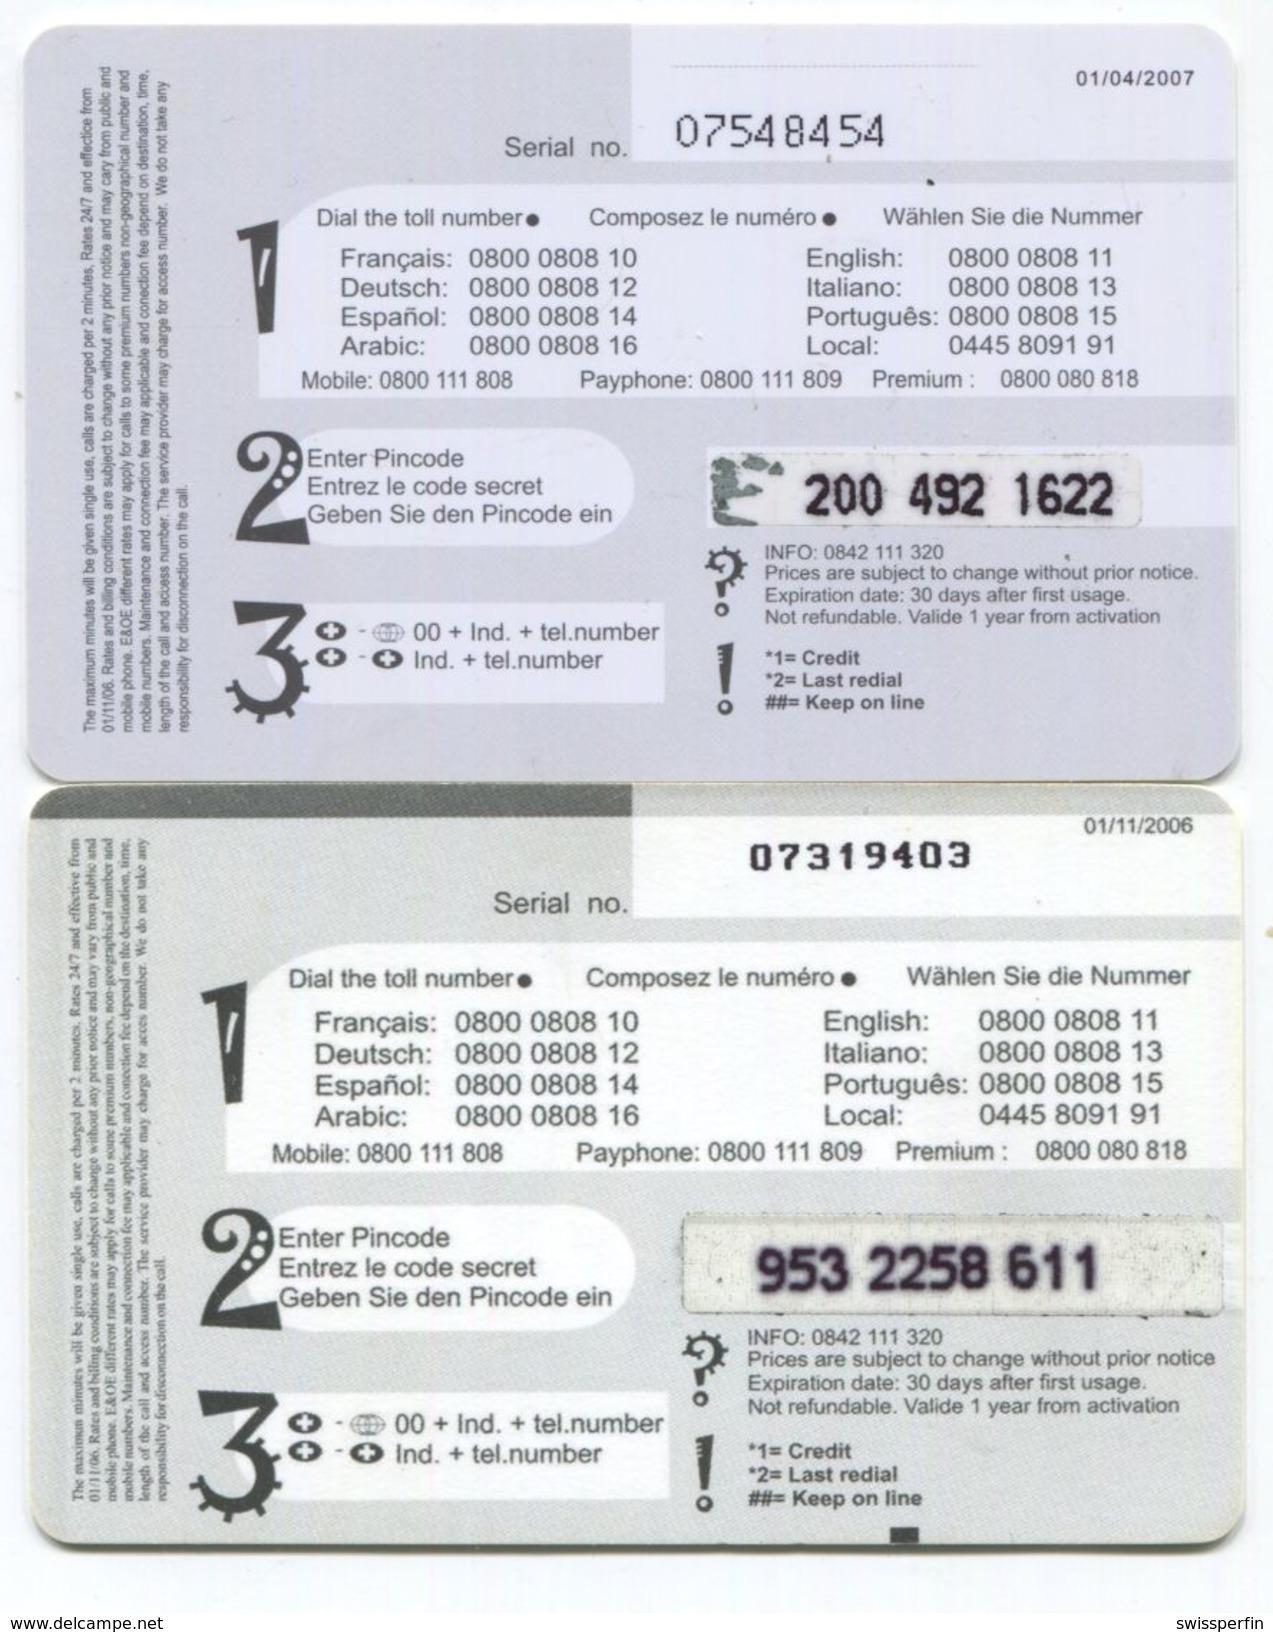 1674 - Service Clientele 7/7 2 X 10 CHF Prepaid Telefonkarten - Suisse